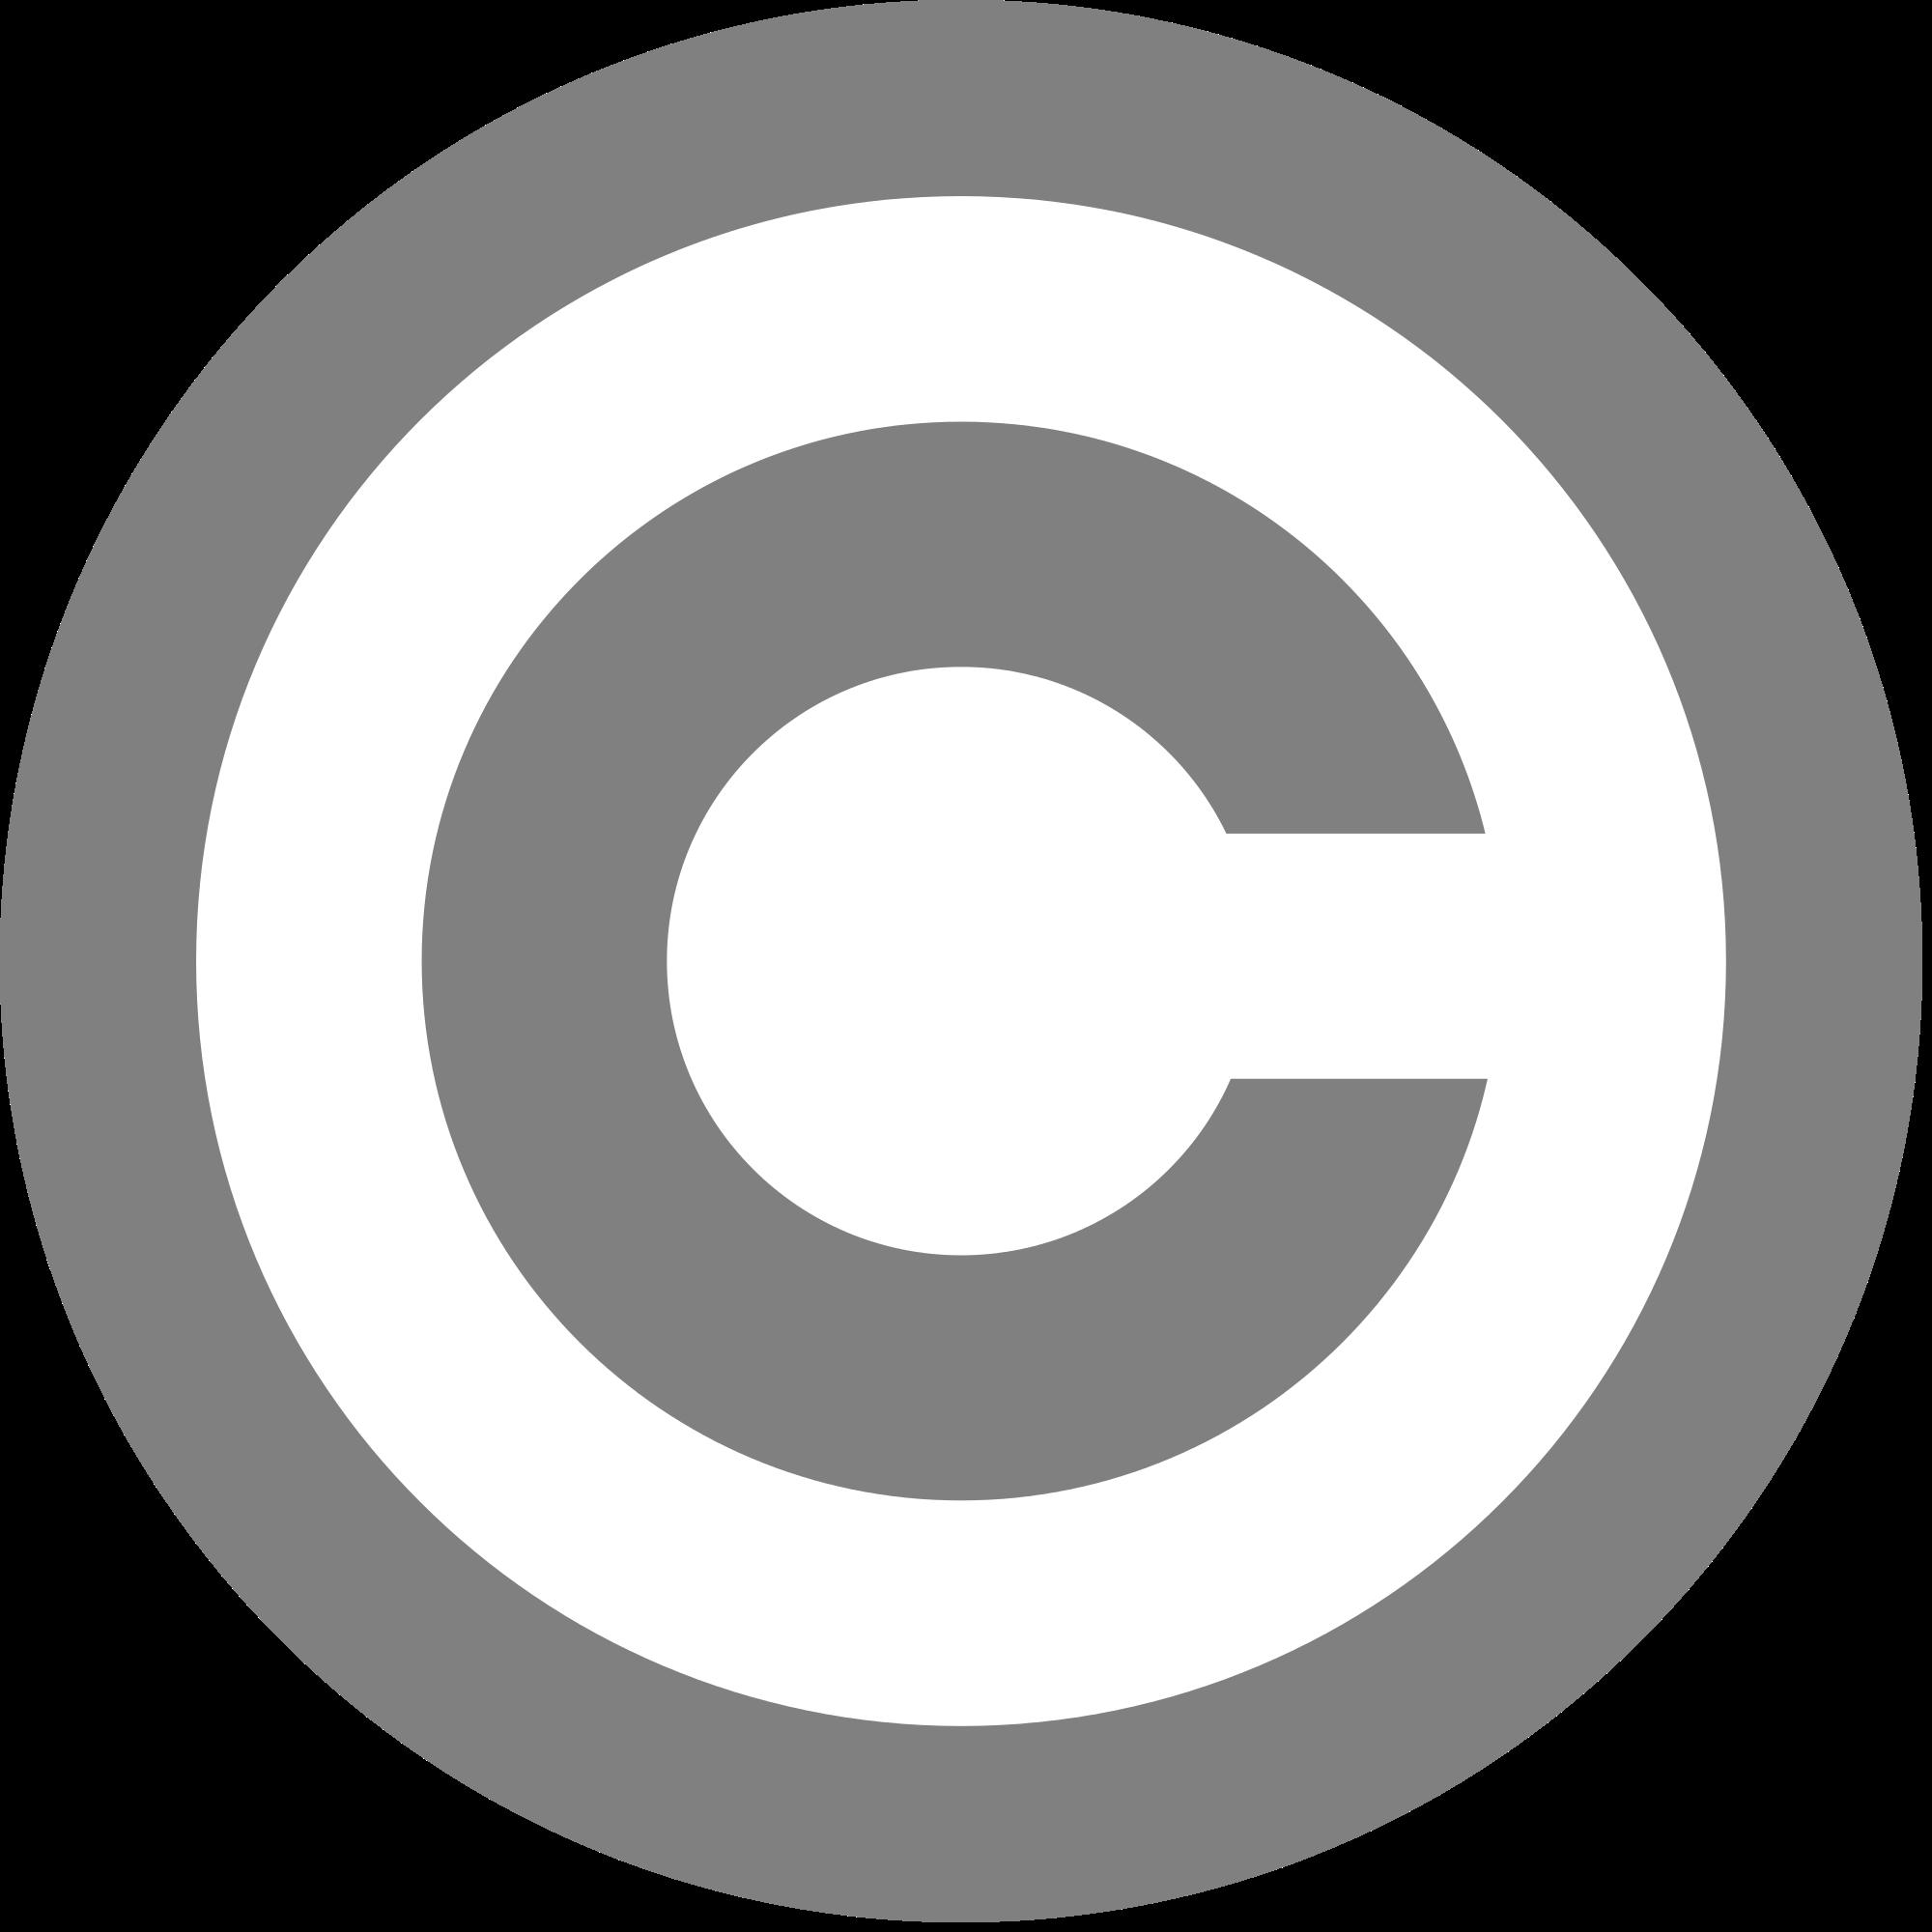 """Résultat de recherche d'images pour """"copyright png"""""""